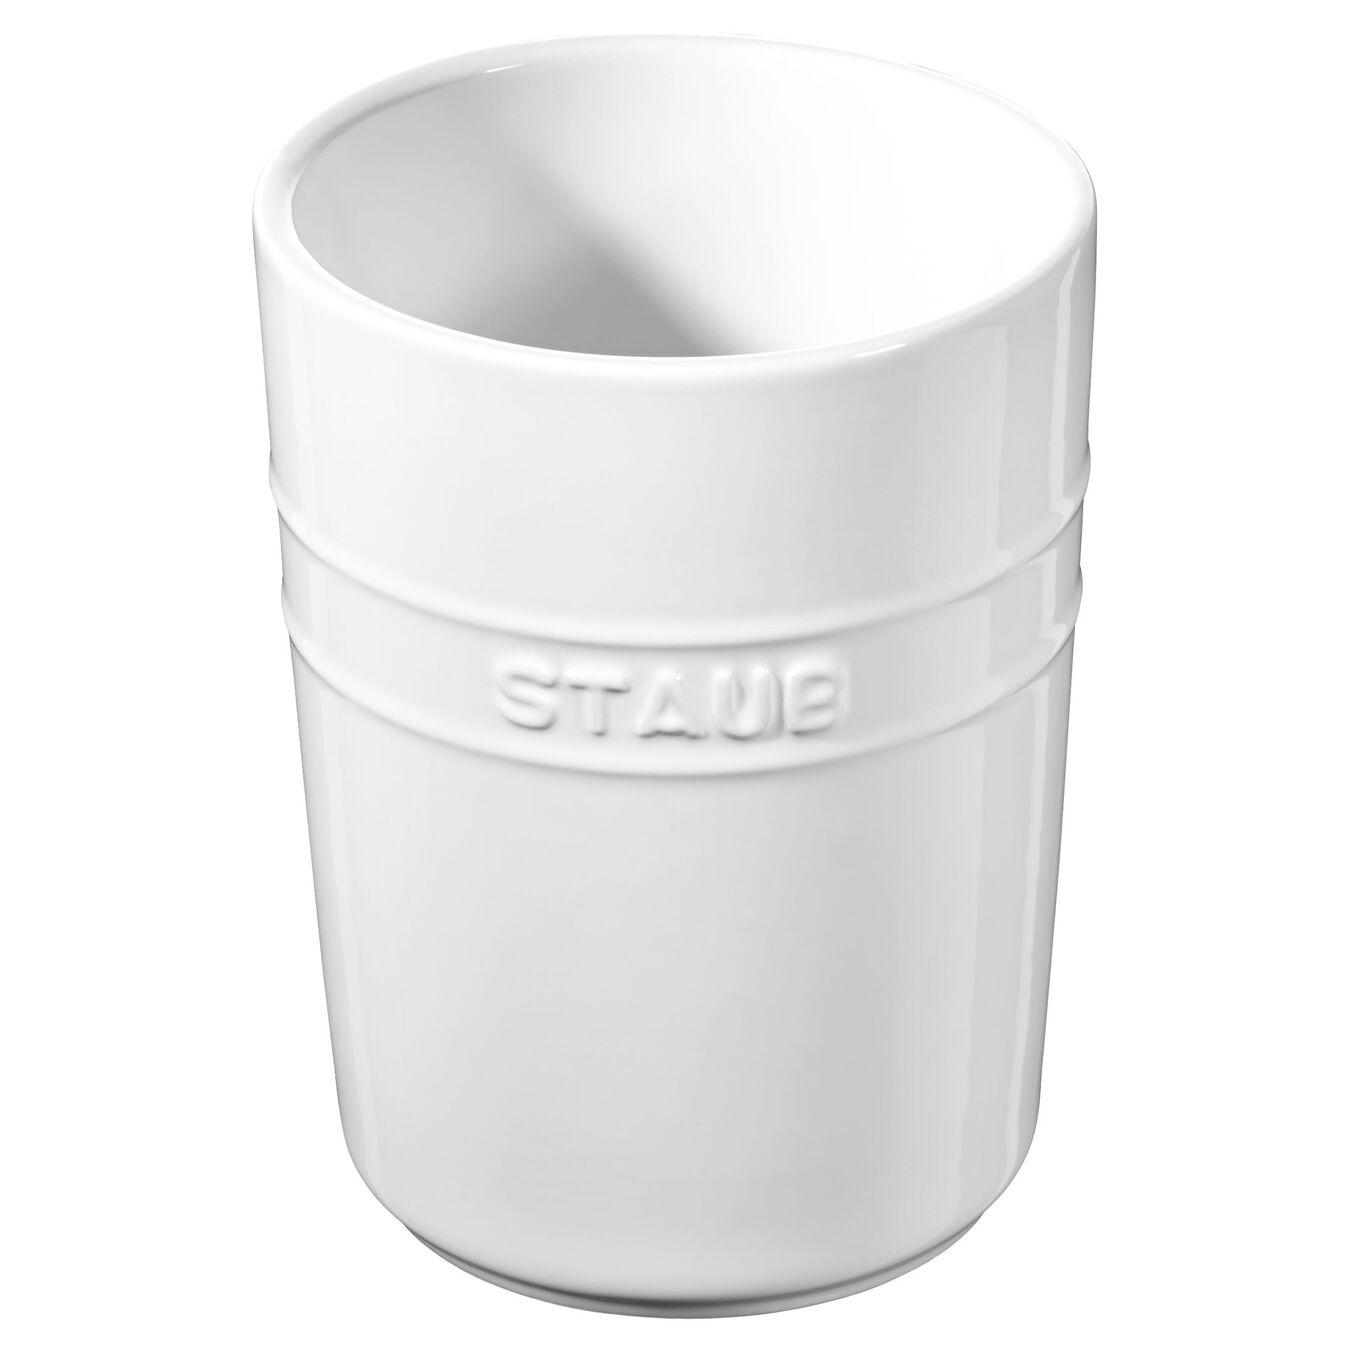 Utensil Holder - White,,large 1